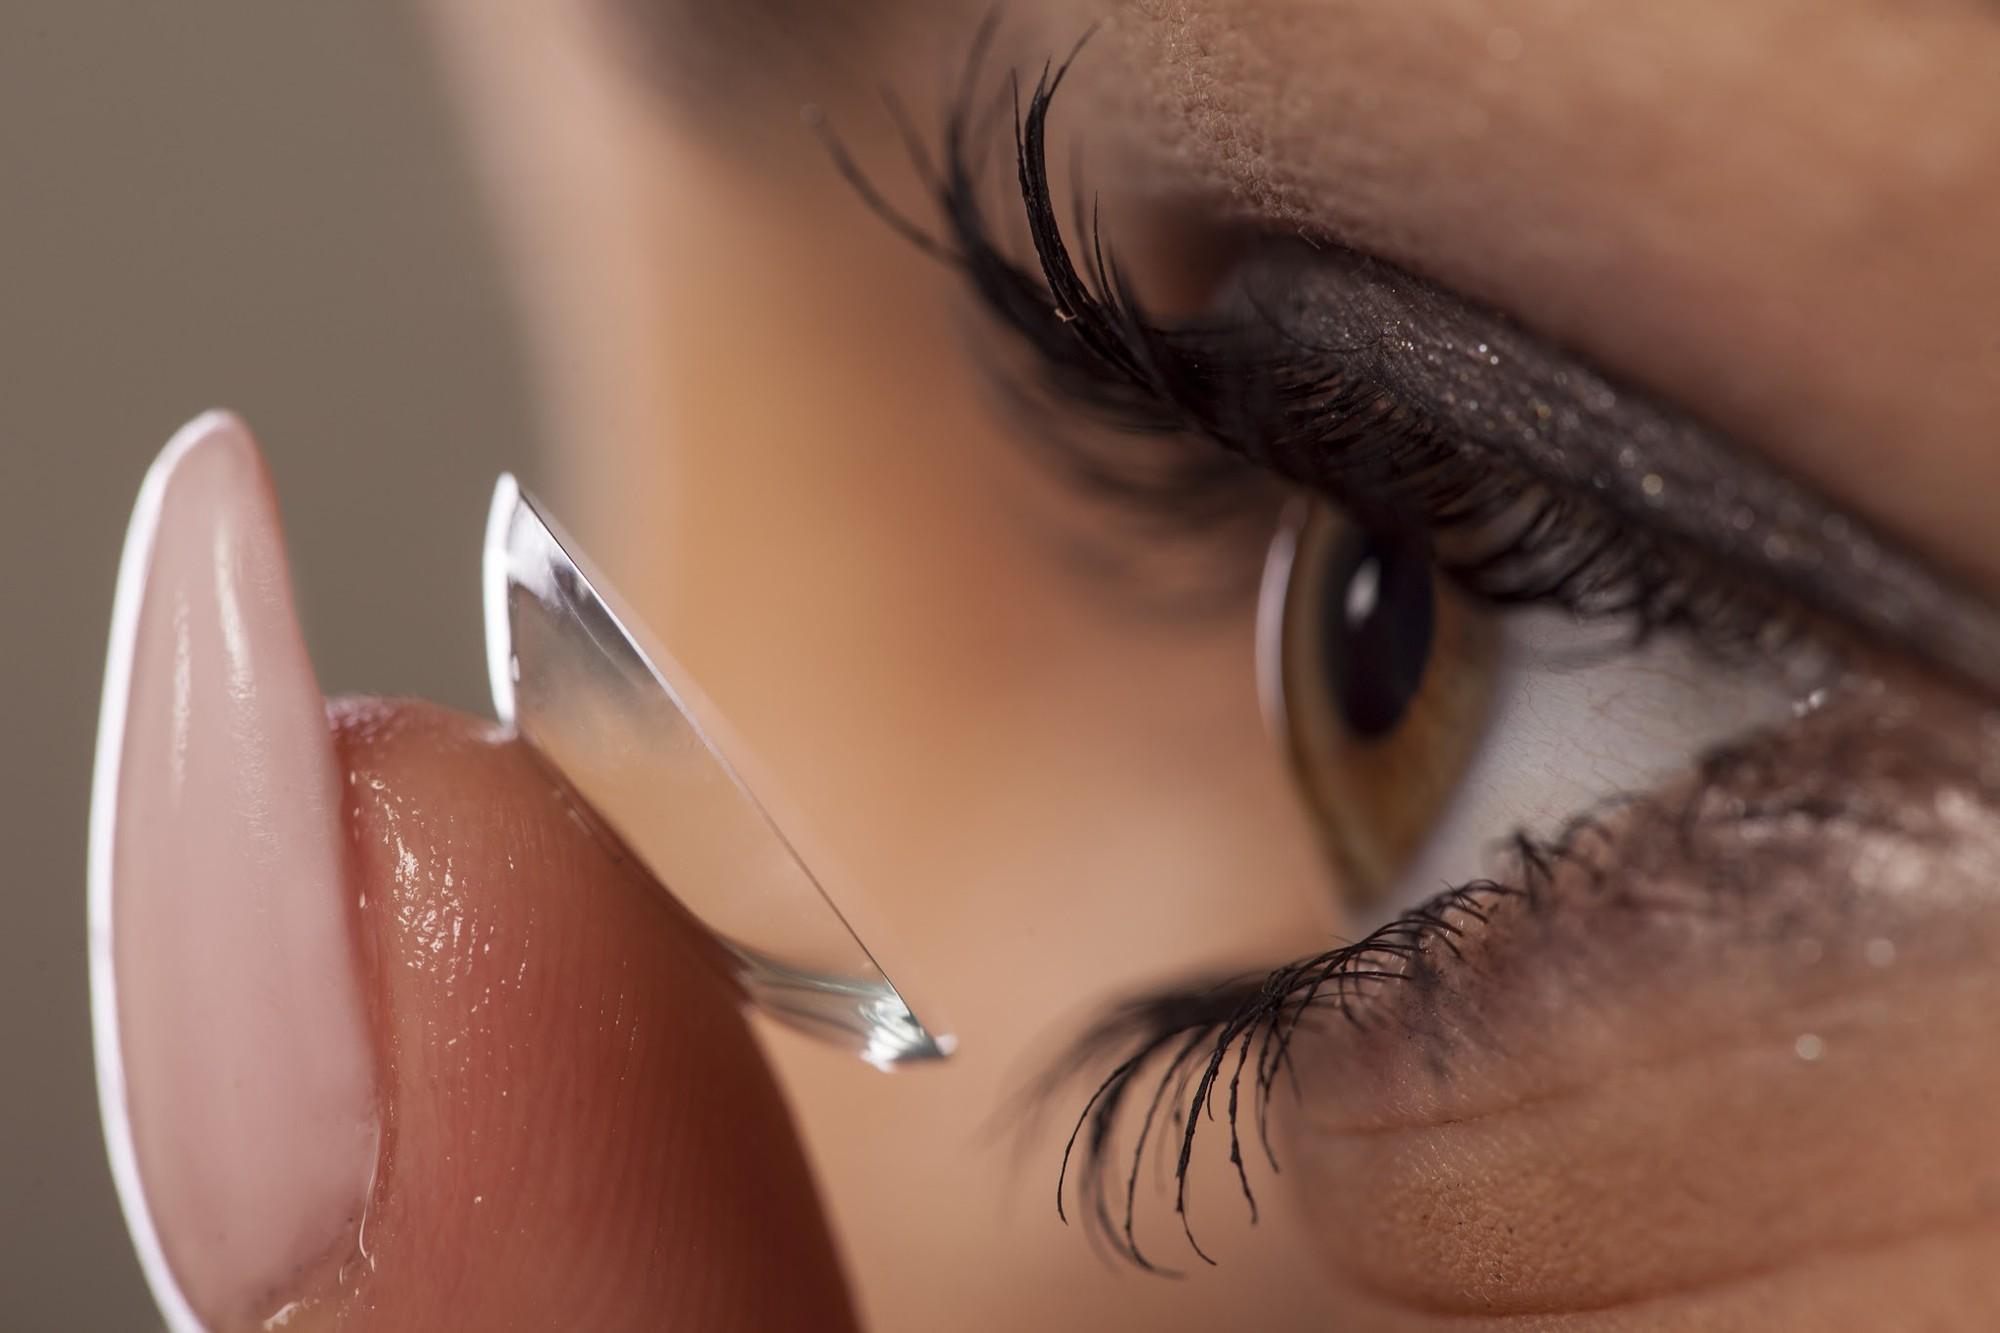 Ngày Tết dùng kính áp tròng nhớ thuộc nằm lòng 5 nguyên tắc sau để bảo vệ đôi mắt luôn khỏe đẹp - Ảnh 4.